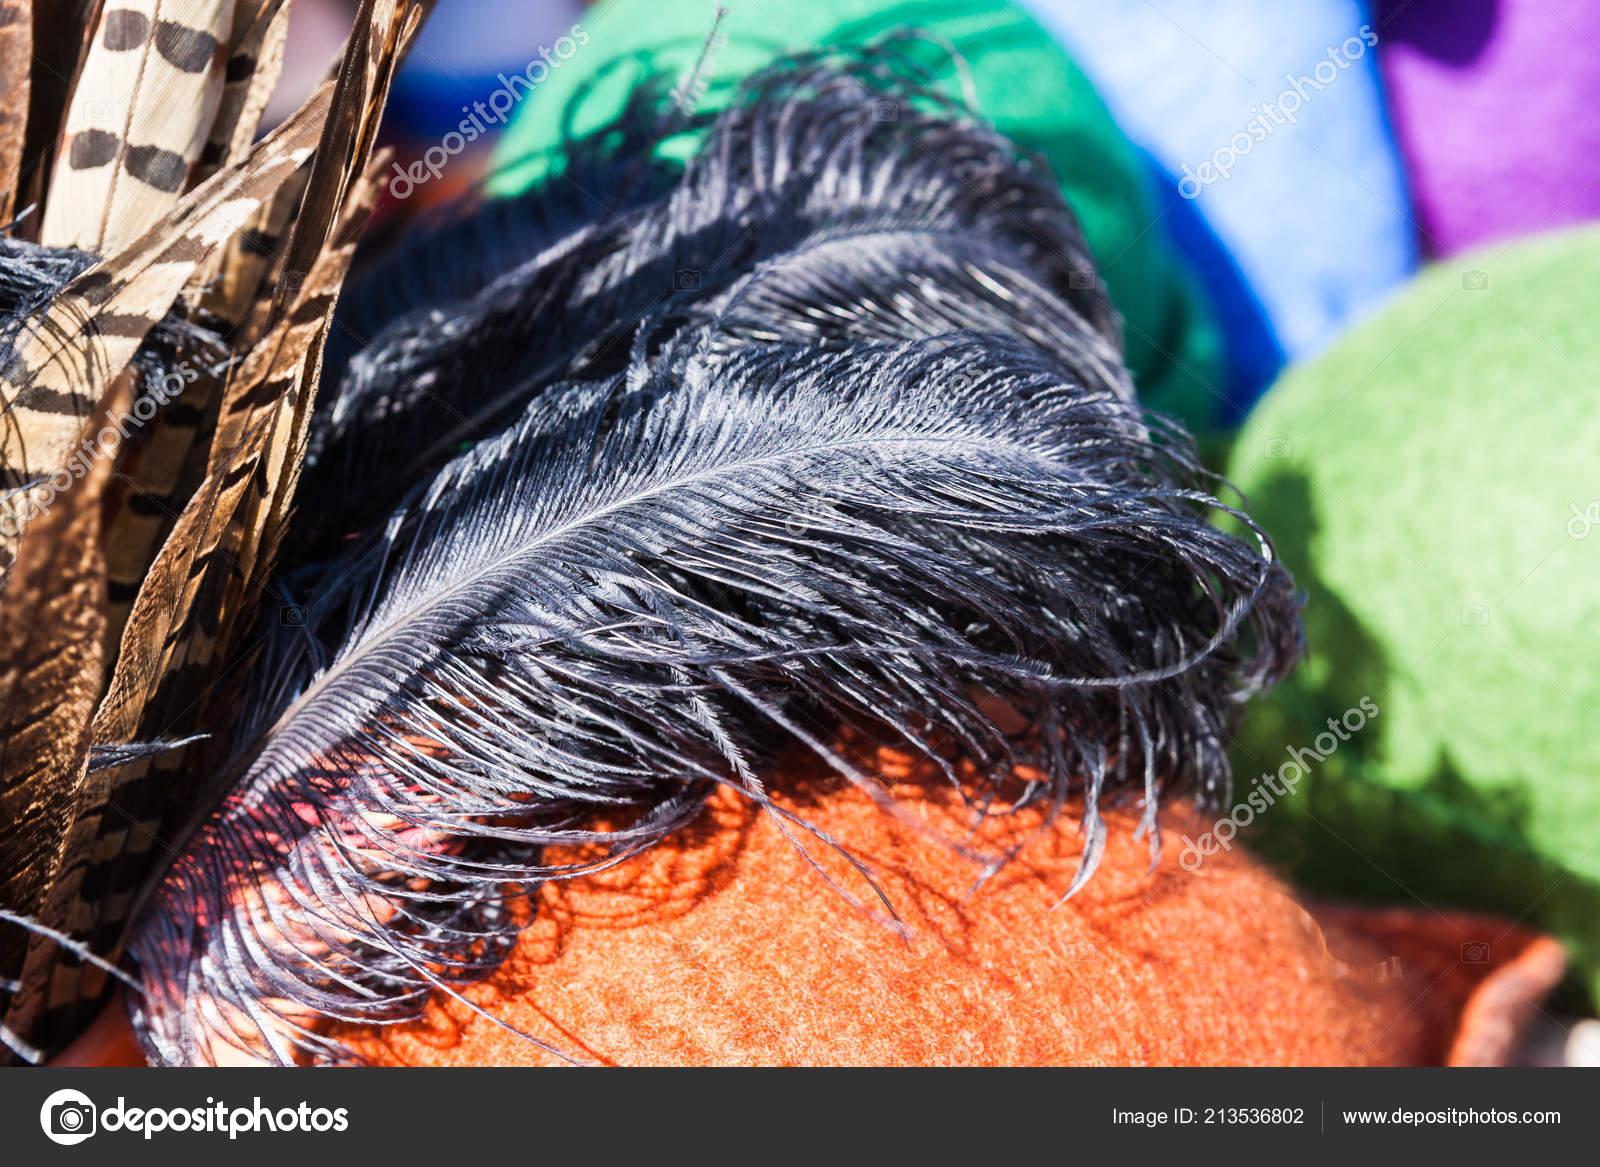 673c303f001 Bažant a pštrosí peří a Plstěné klobouky na prodej za historický jarmark  zdobí barevné středověkých klobouků